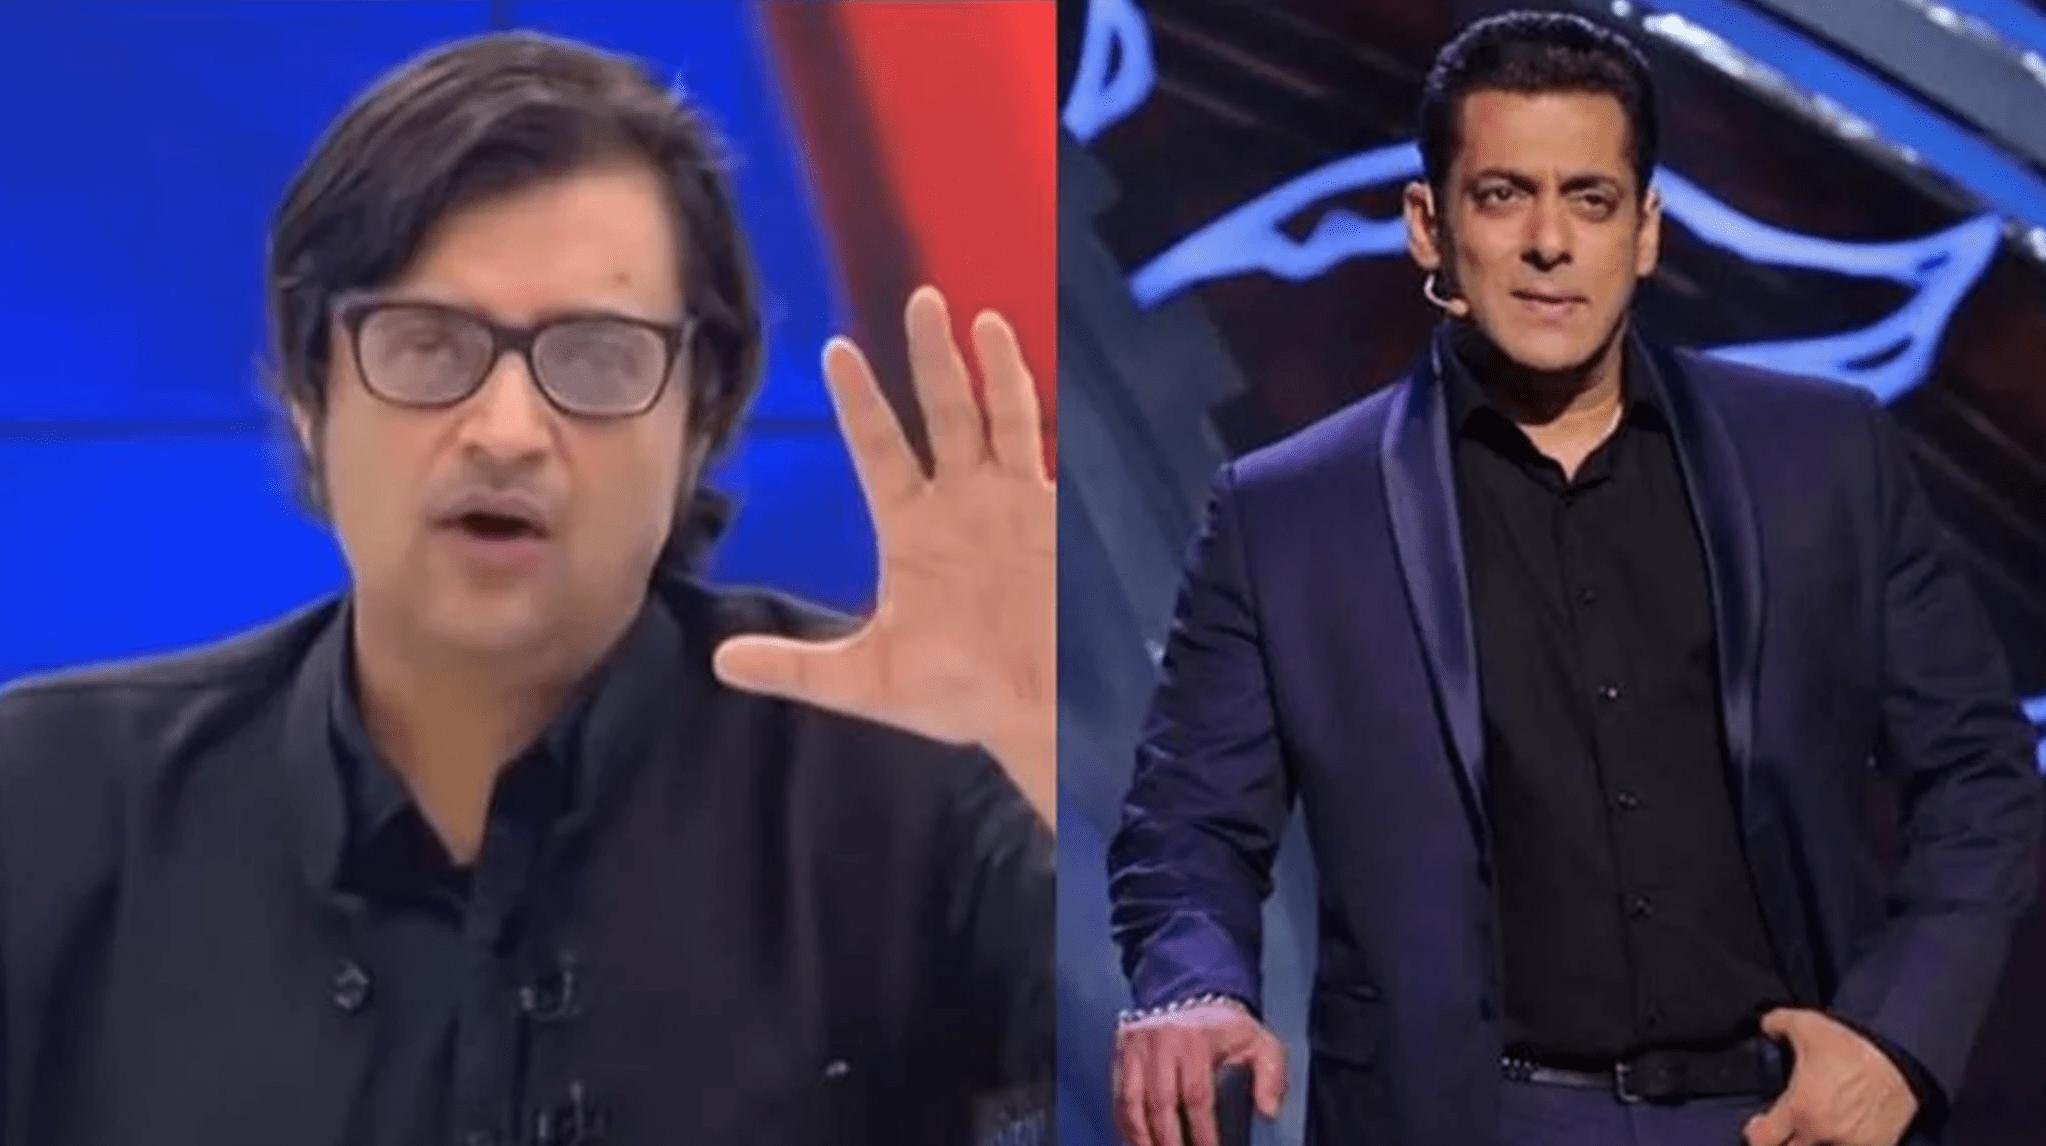 bigg boss 14 Salman khan take dig on arnab goswami